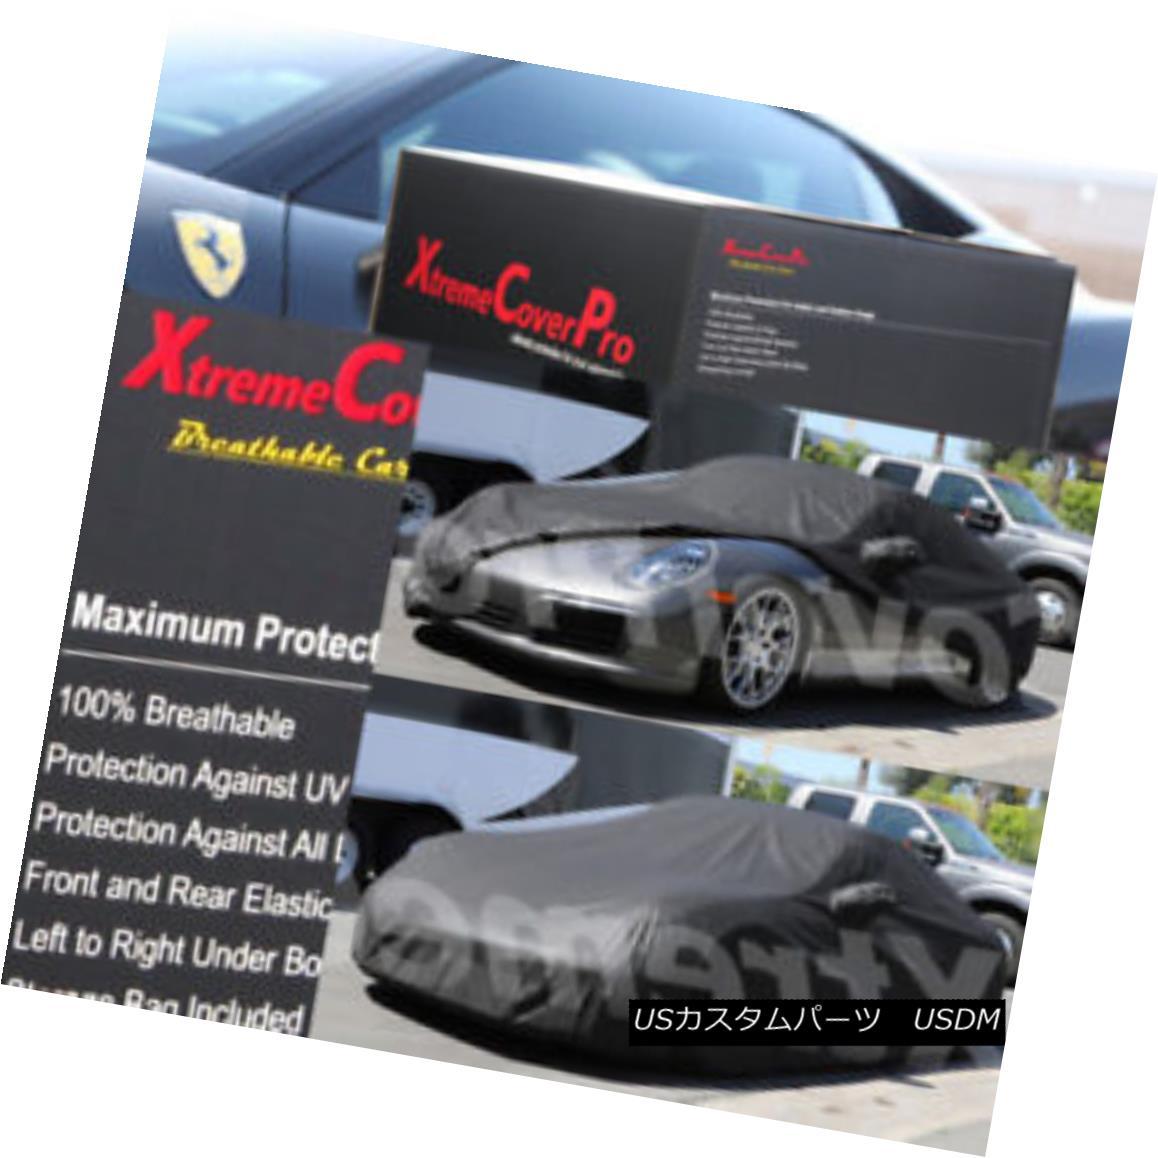 カーカバー CUSTOM FIT CAR COVER 2011 2012 2013 2014 2015 2016 2017 2018 Porsche 911 GTS カスタムフィットカーカバー2011 2012 2013 2014 2015 2016 2017 2018ポルシェ911 GTS